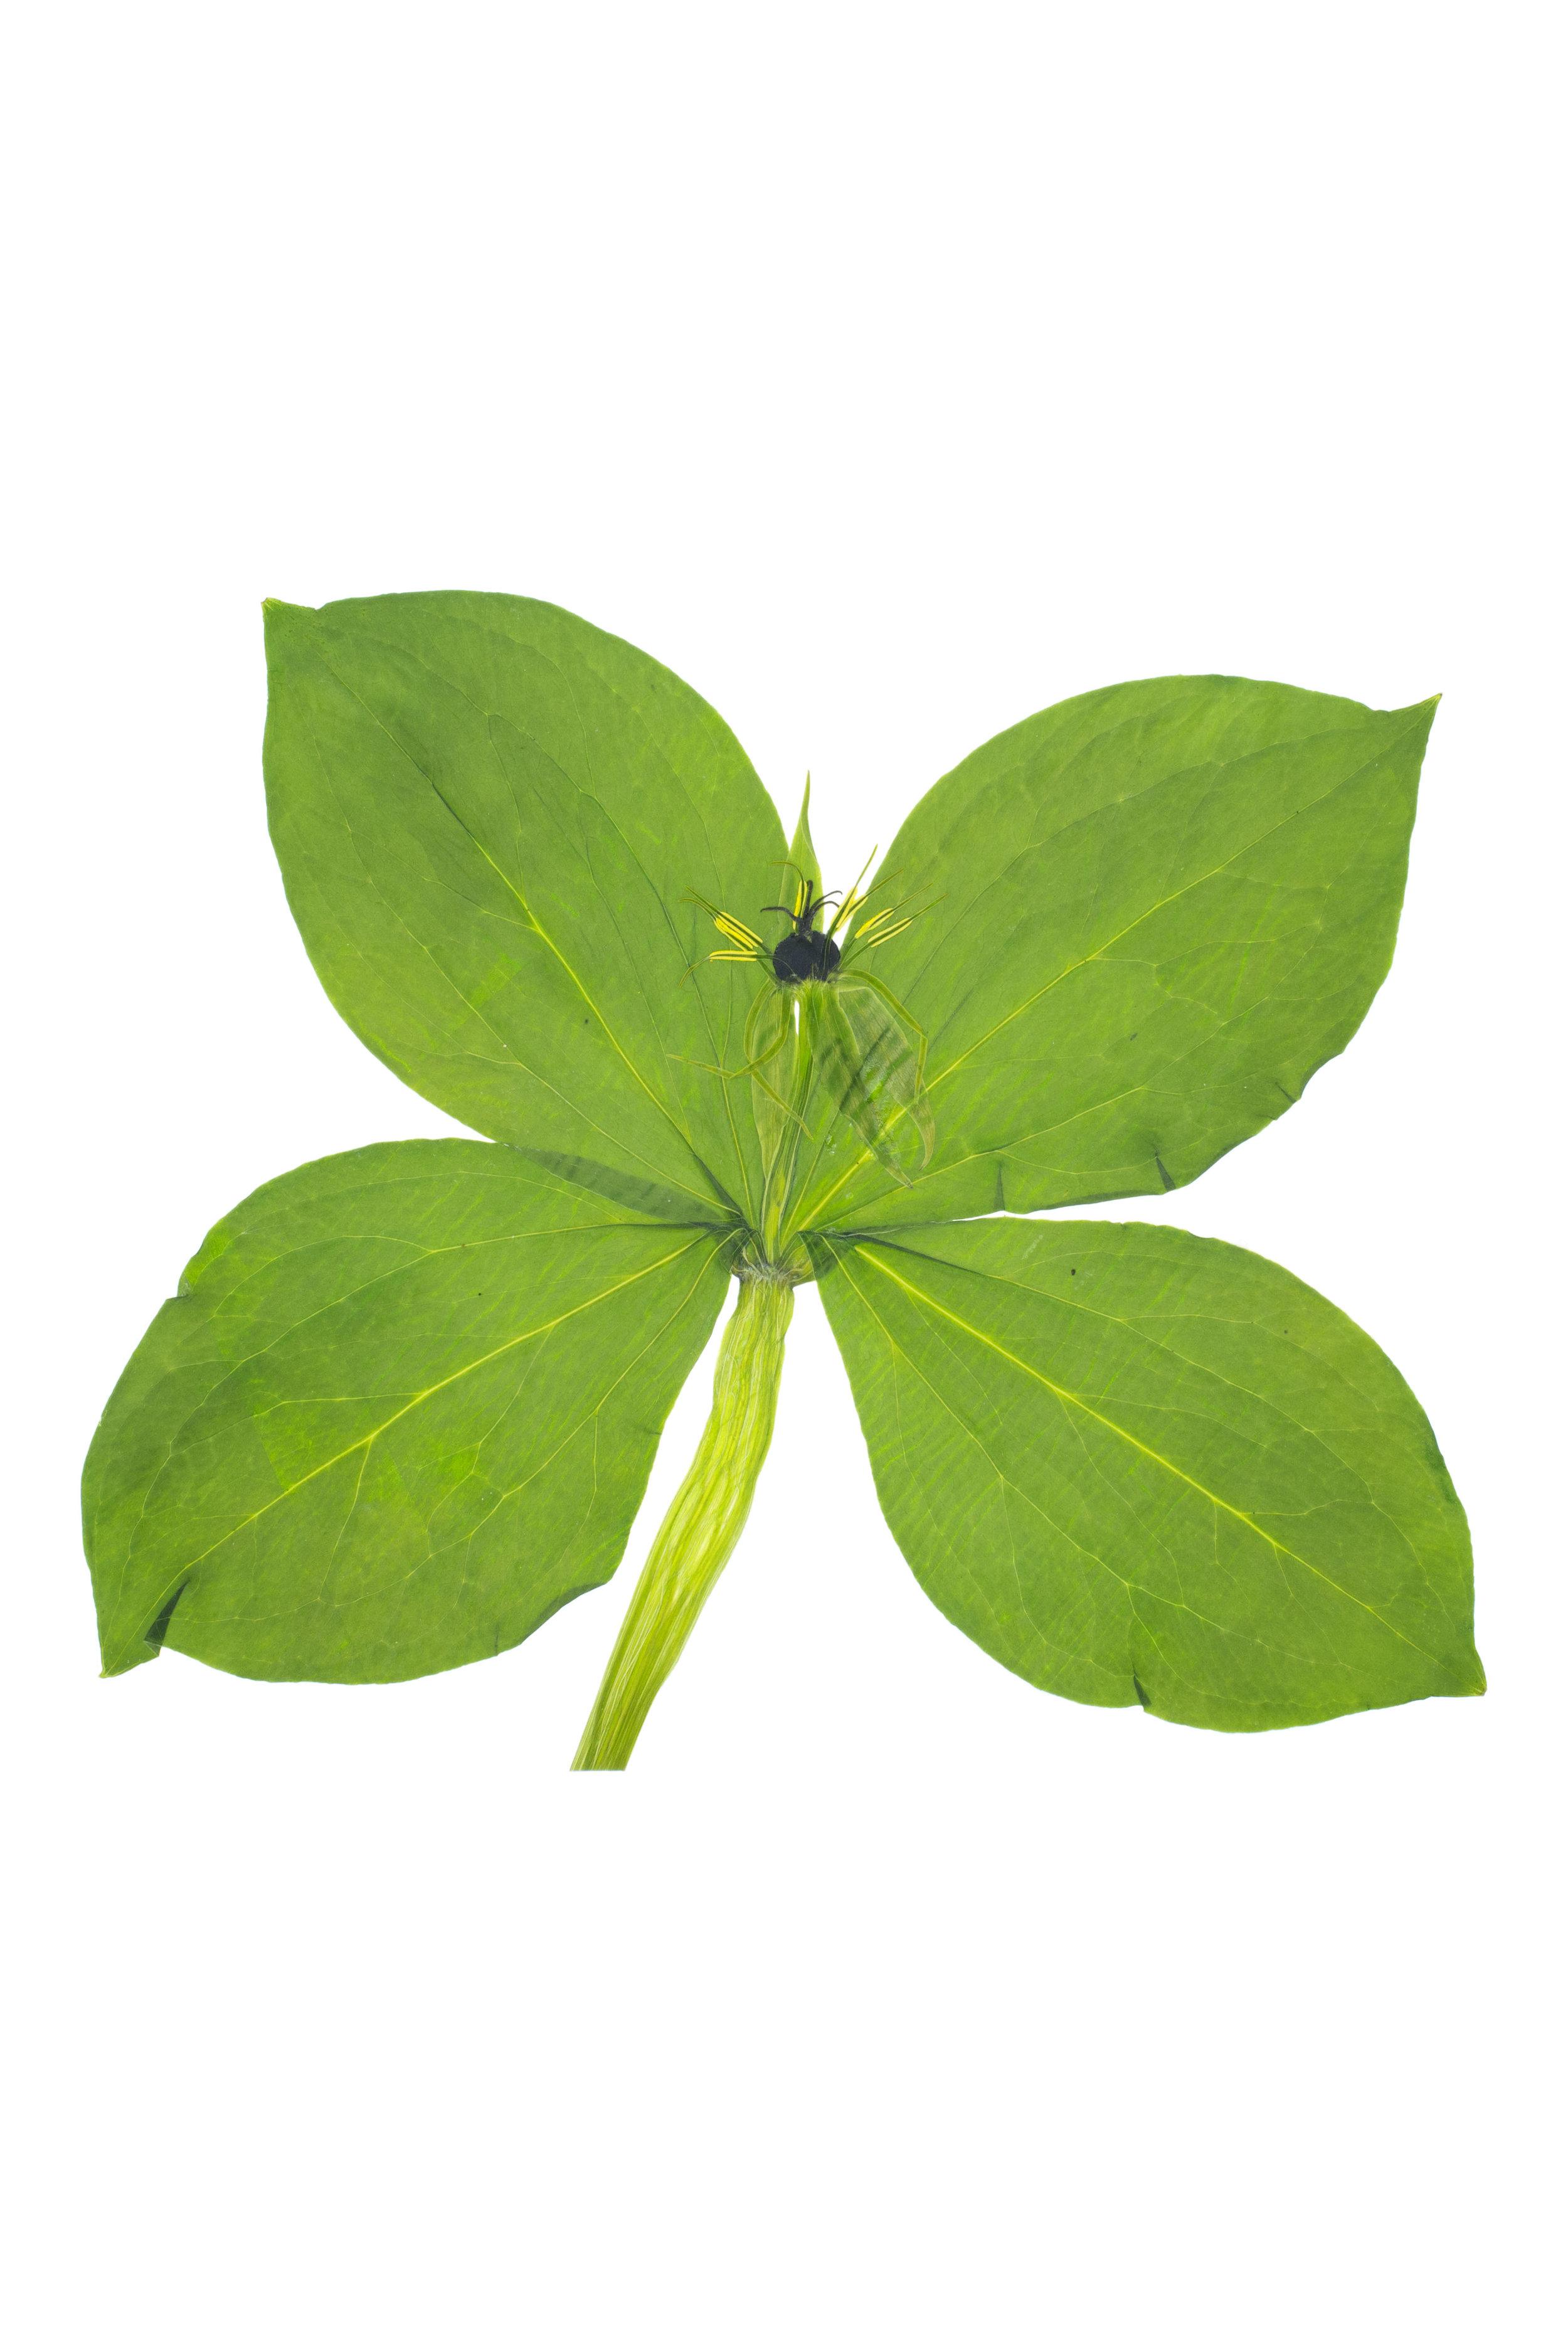 Herb-Paris / Paris quadrifolia